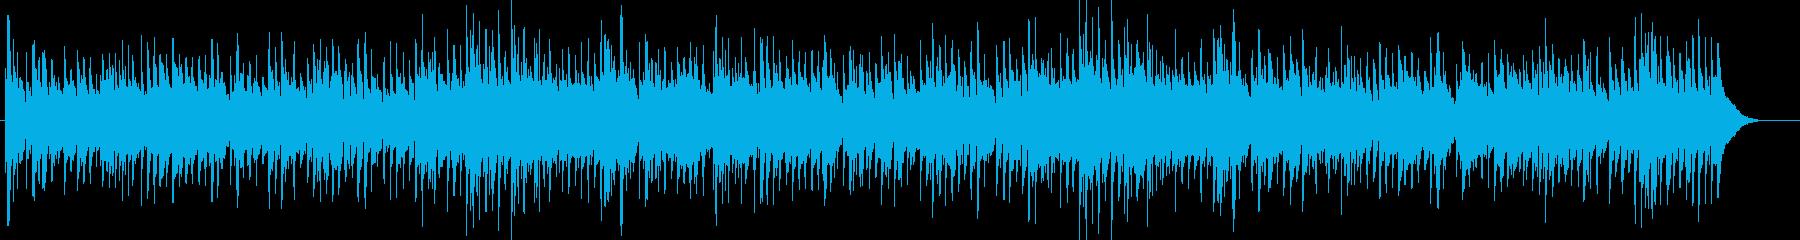 ほのぼのアコギと鈴のカントリー冬の散歩の再生済みの波形